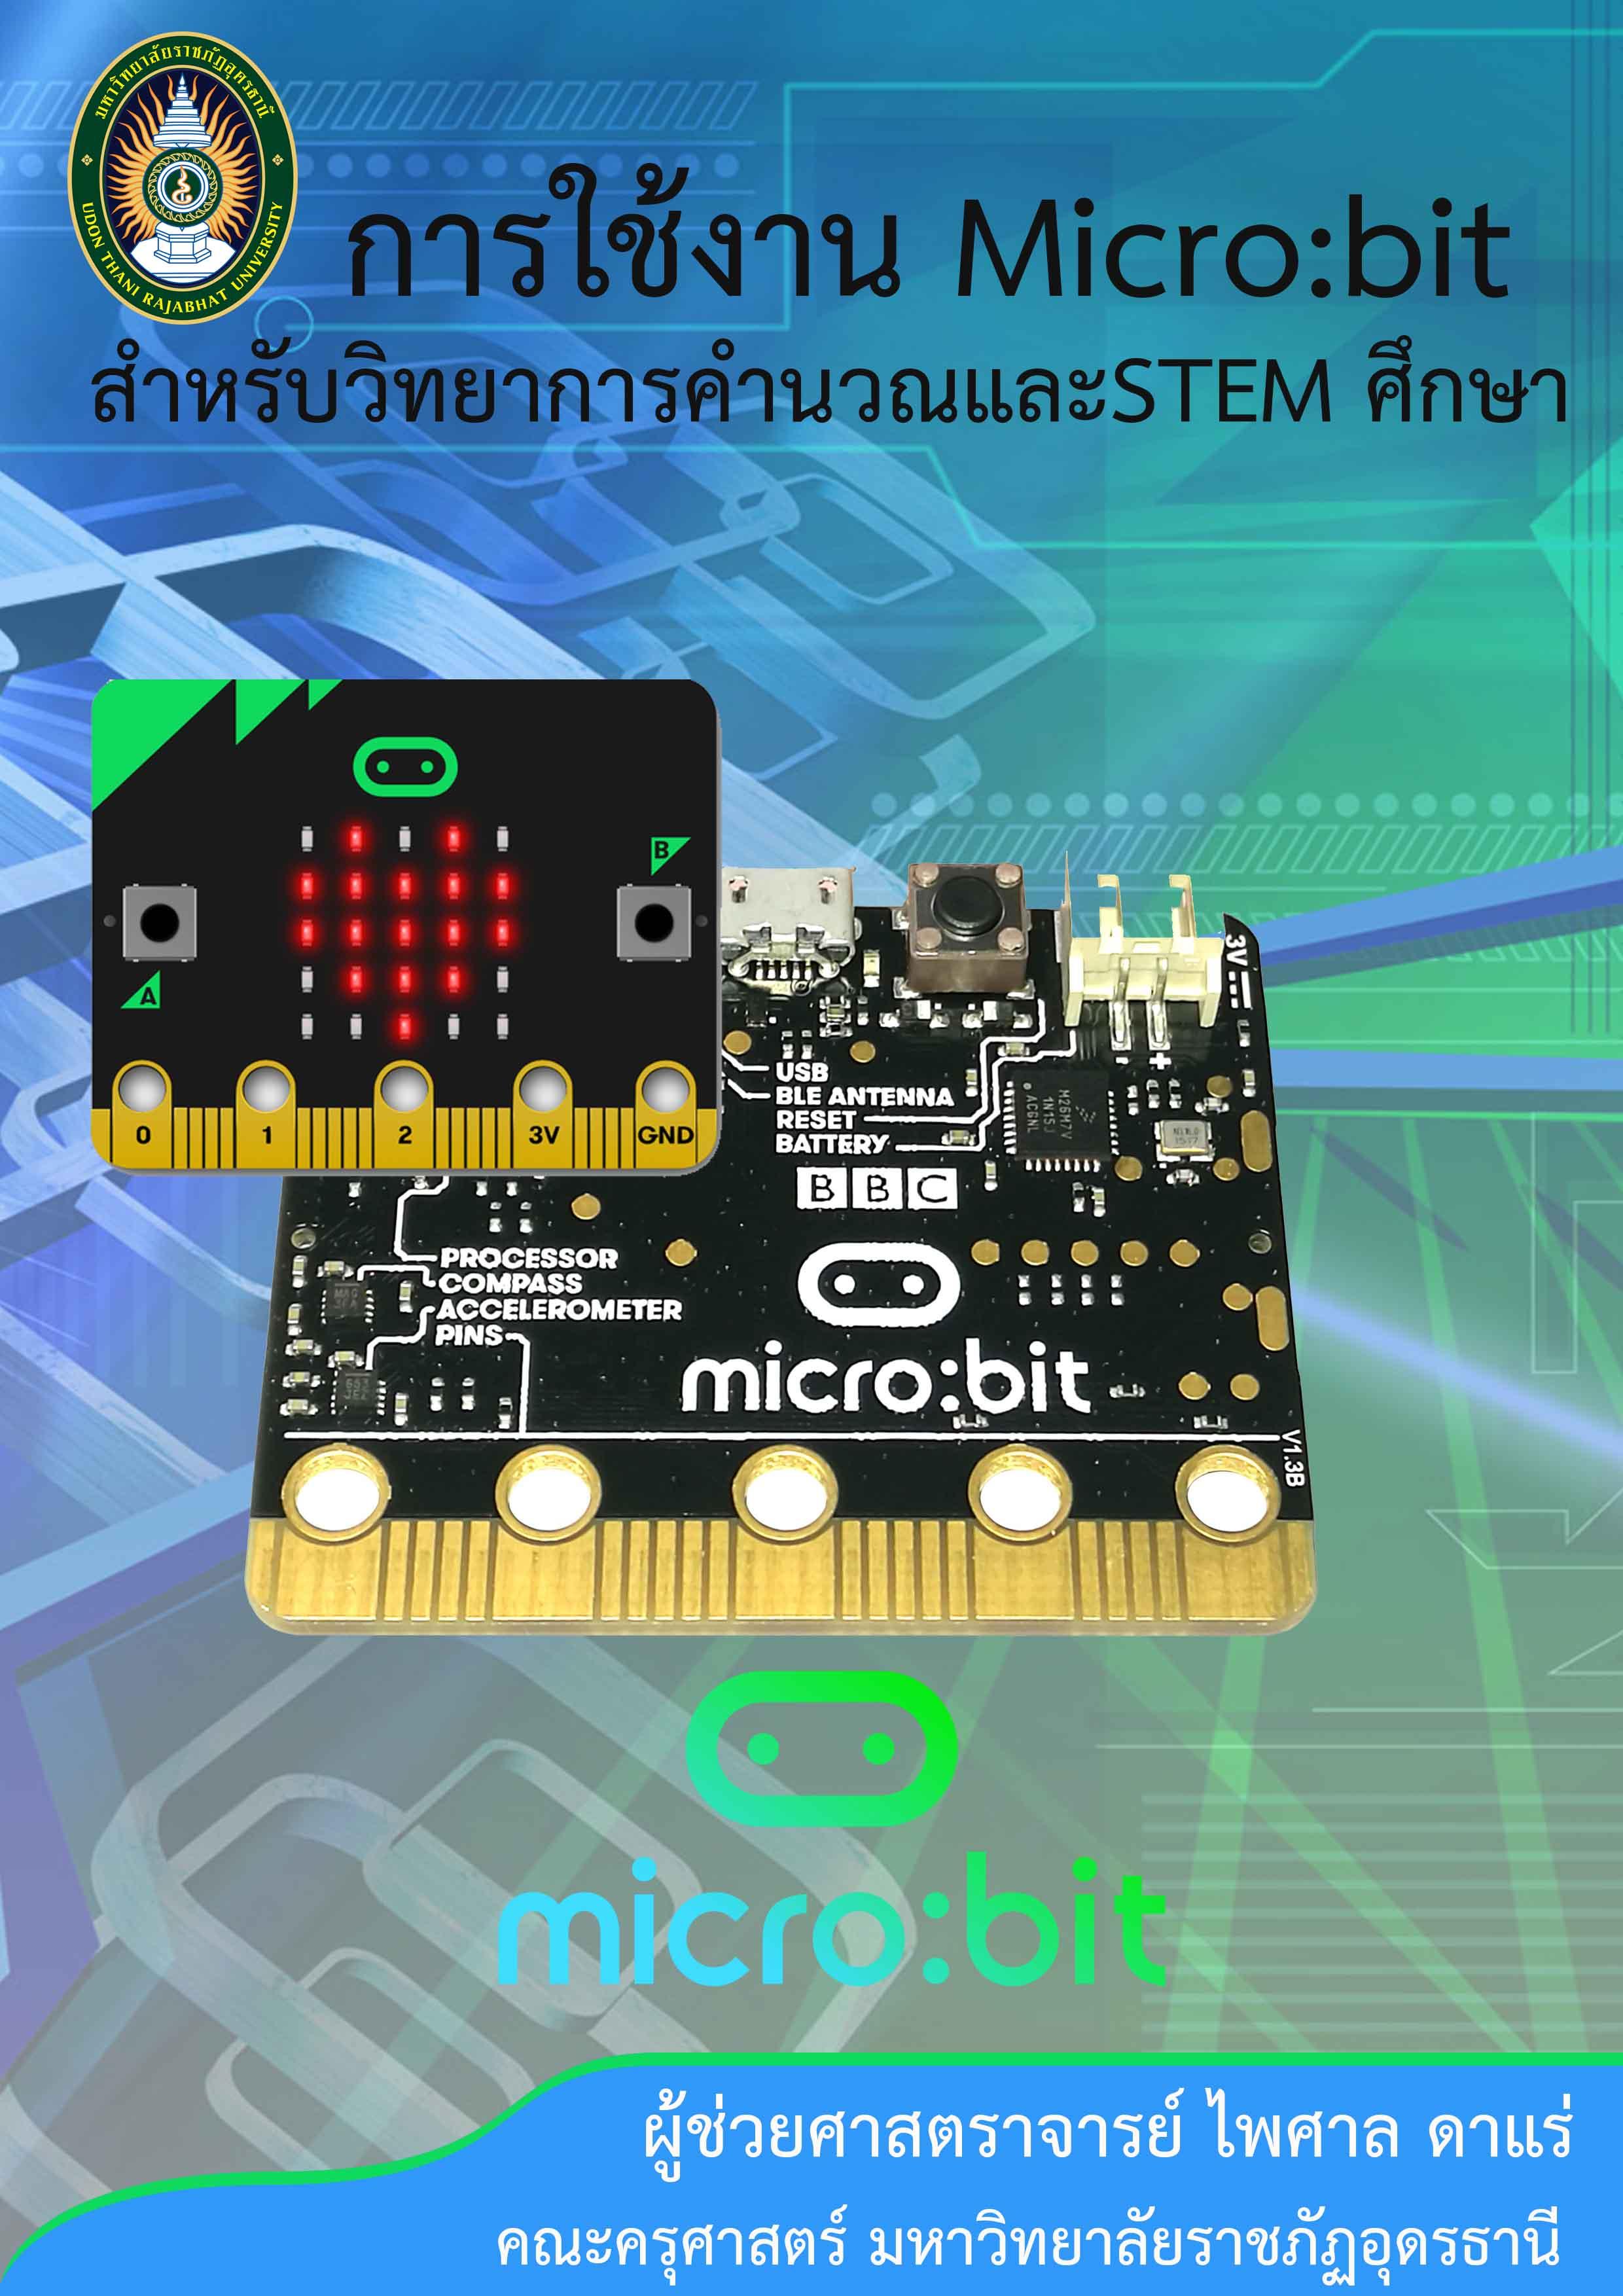 การใช้งาน Micro bit เบื้องต้น สำหรับวิทยาการคำนวณและSTEM ศึกษา